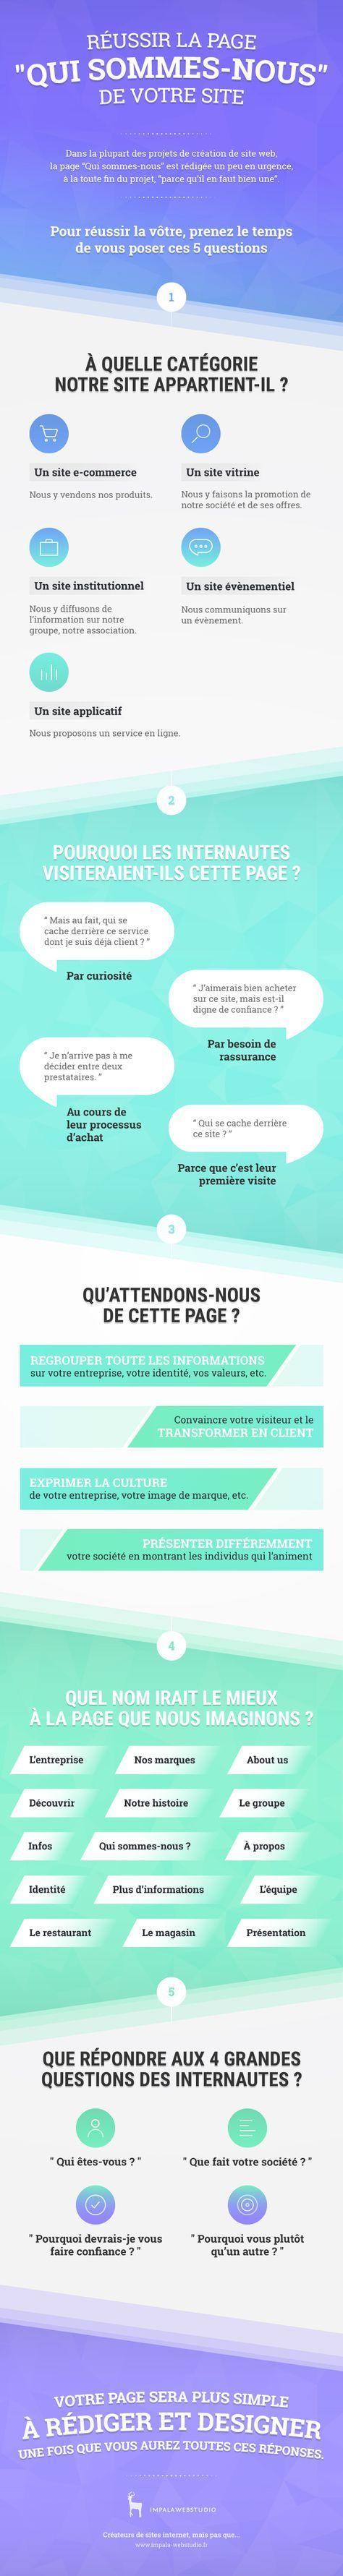 """Une infographie pour réussir la page """"Qui sommes-nous de votre site"""" > http://blog.impala-webstudio.fr/une-infographie-pour-reussir-la-page-qui-sommes-nous-de-votre-site"""